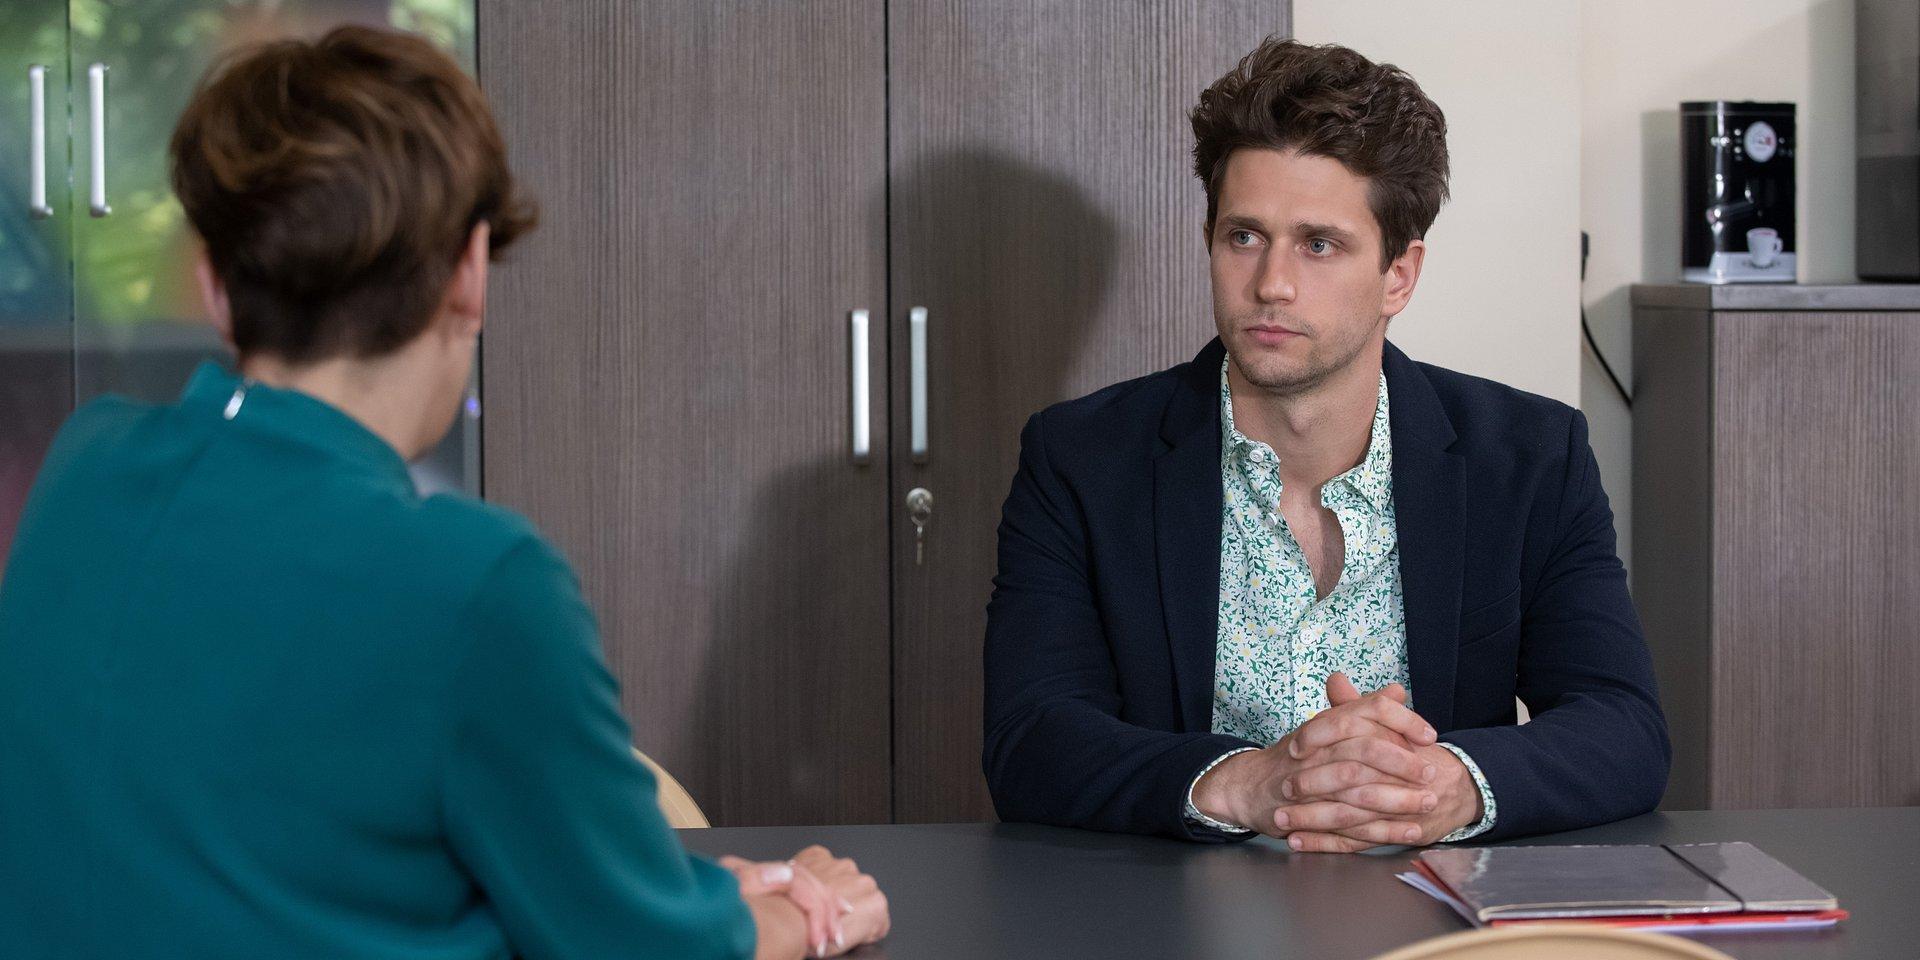 Na Wspólnej: Malwina rozprawia się z dilerami a Norbert… z matką Leny?!